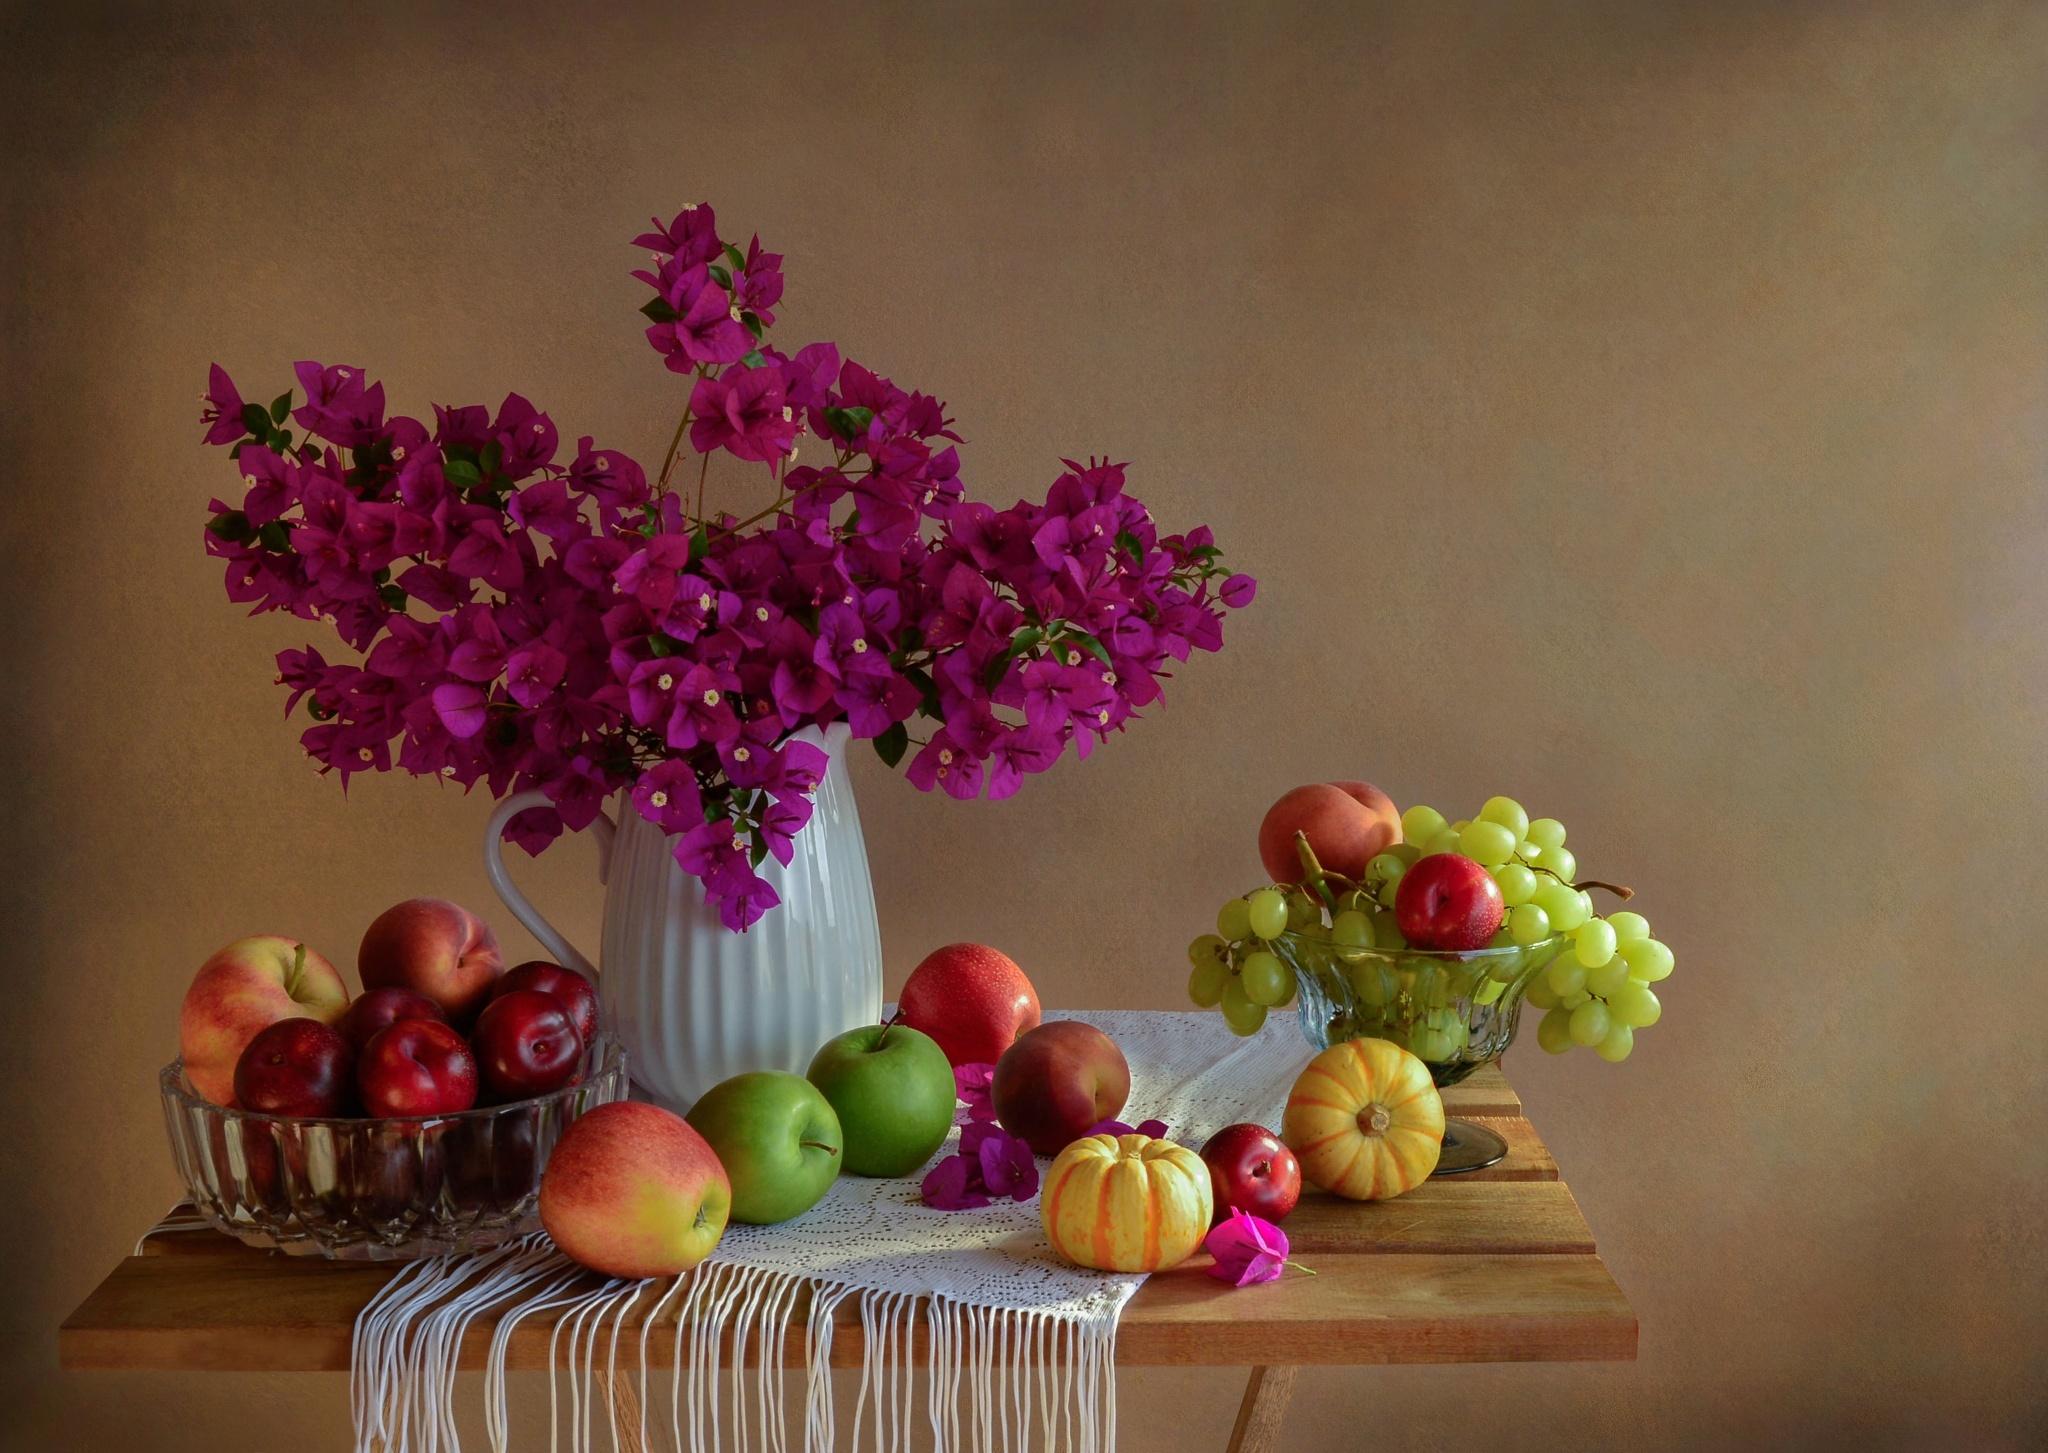 обои на рабочий стол натюрморт с цветами и фруктами № 226447 бесплатно